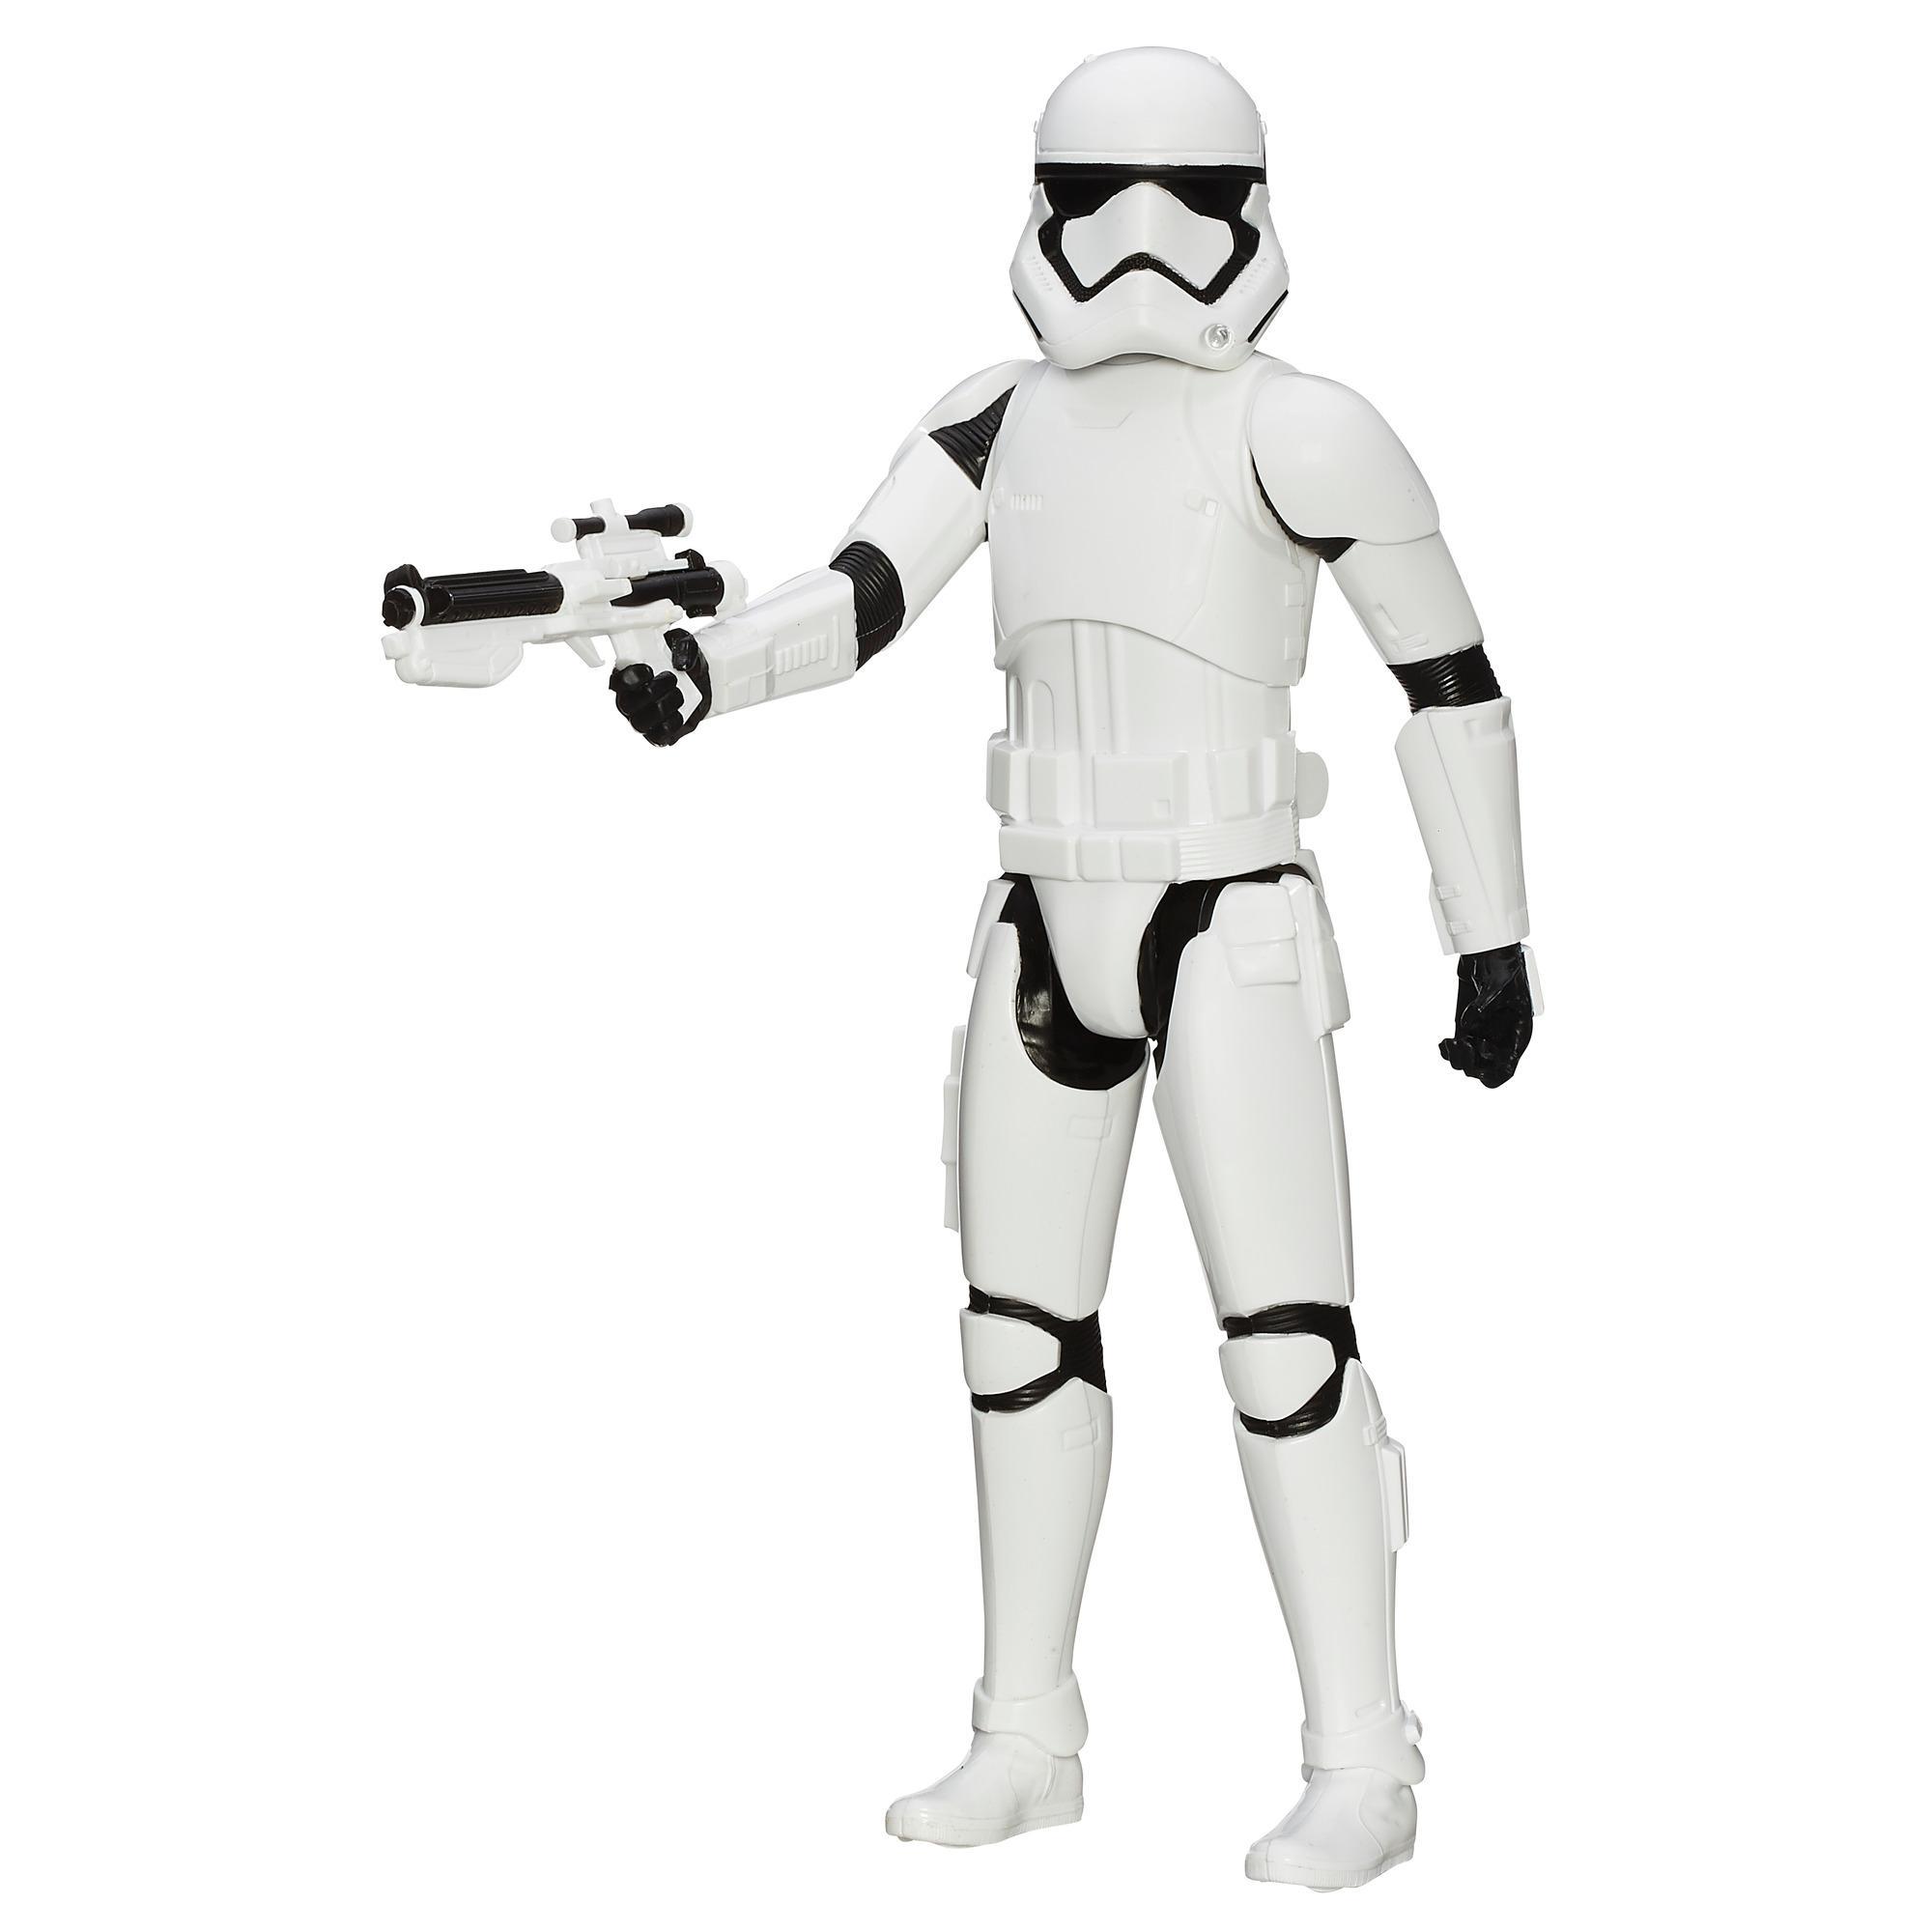 Star Wars The Force Awakens Stormtrooper de la Primera Orden de 30 cm (12 in)